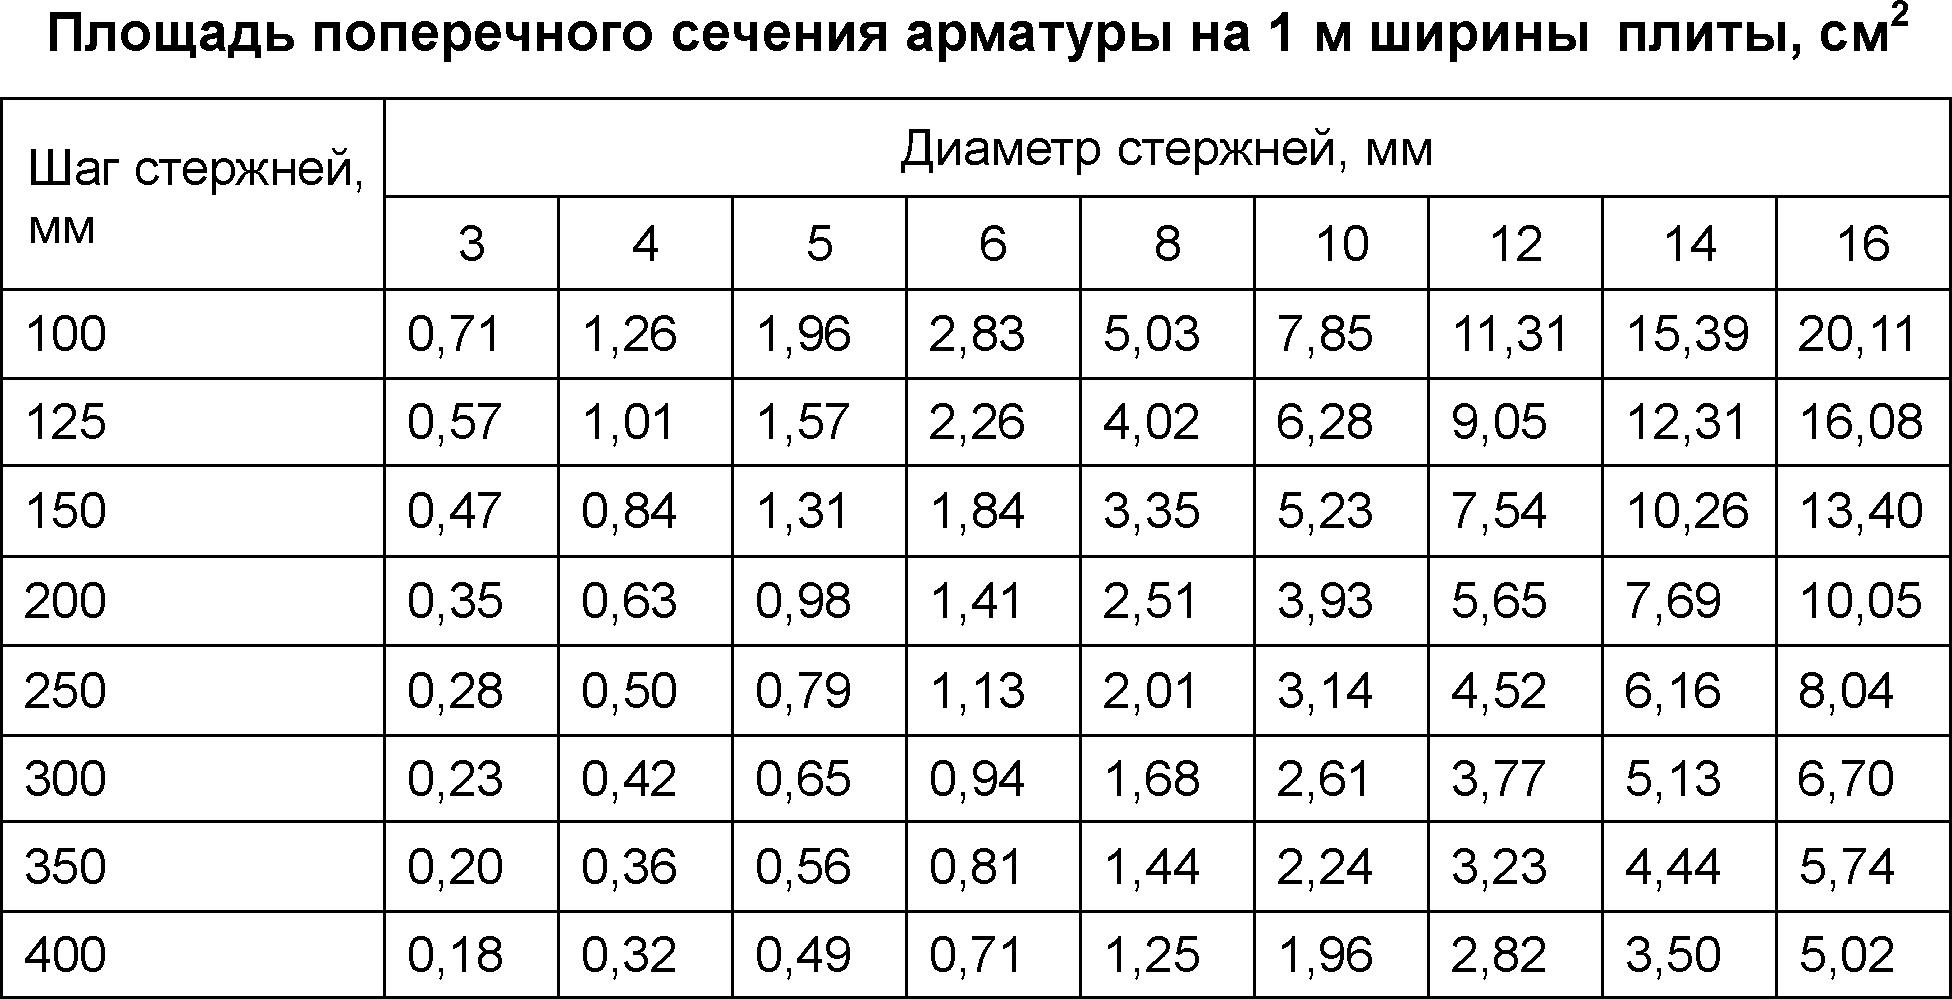 сечение арматуры таблица